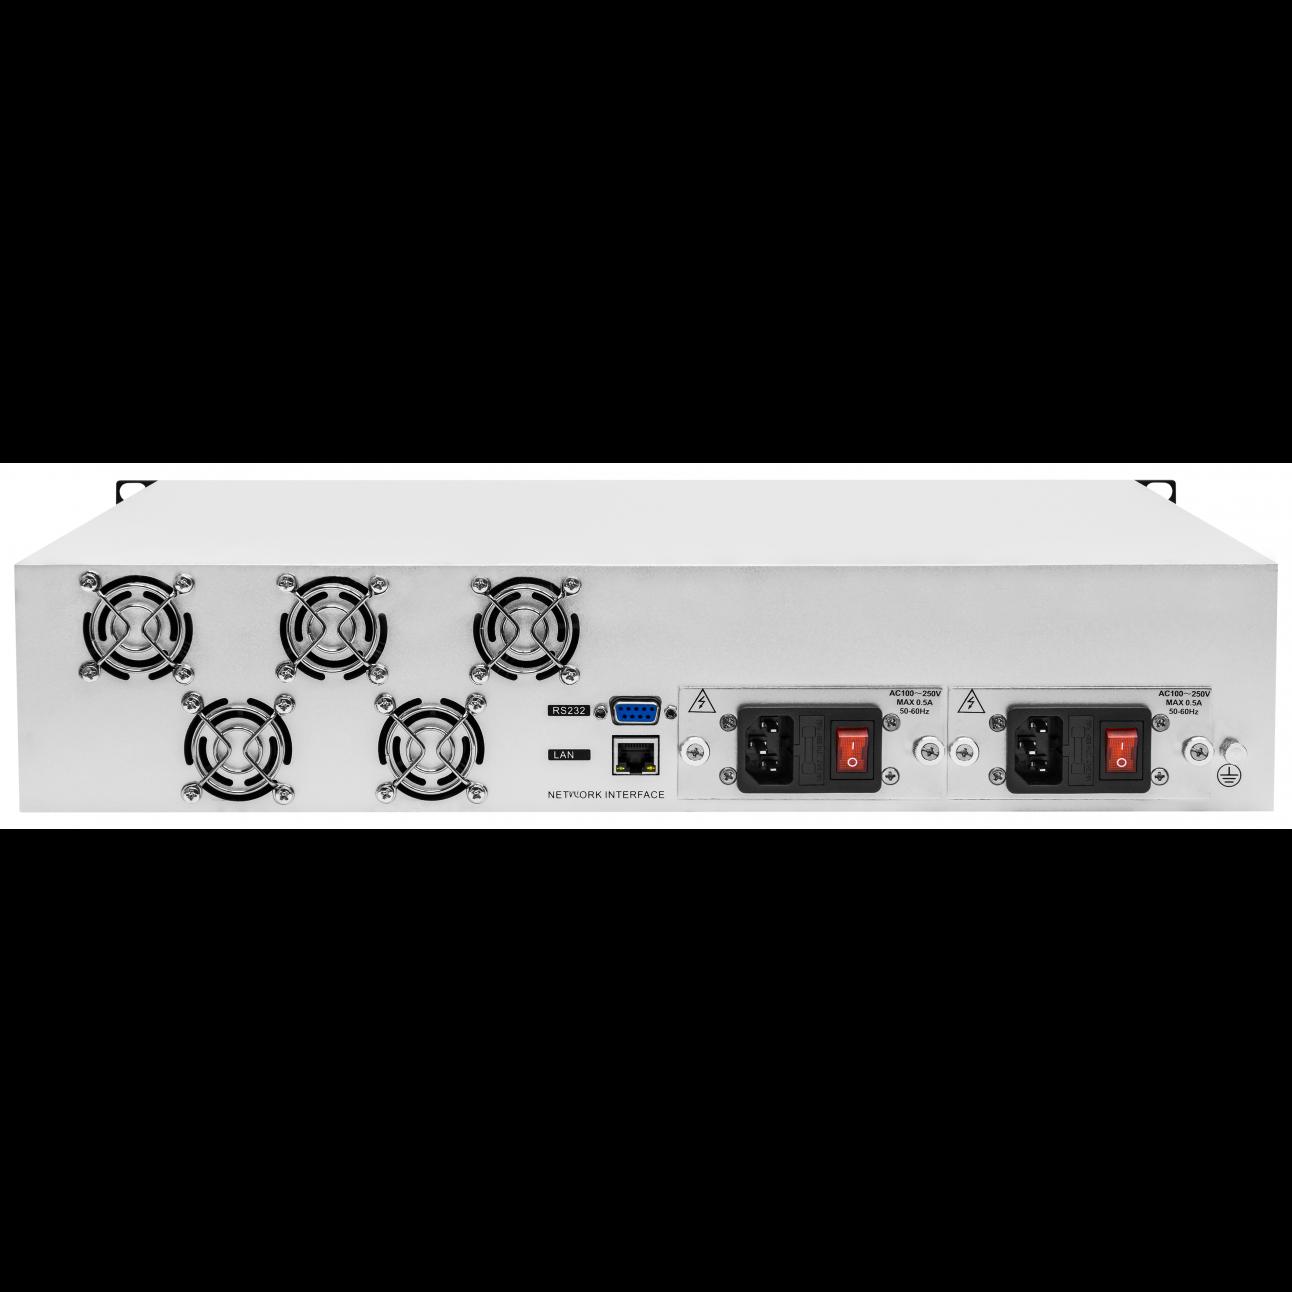 Оптический усилитель VERMAX для сетей КТВ, 2 входа, 16*19dBm выходов